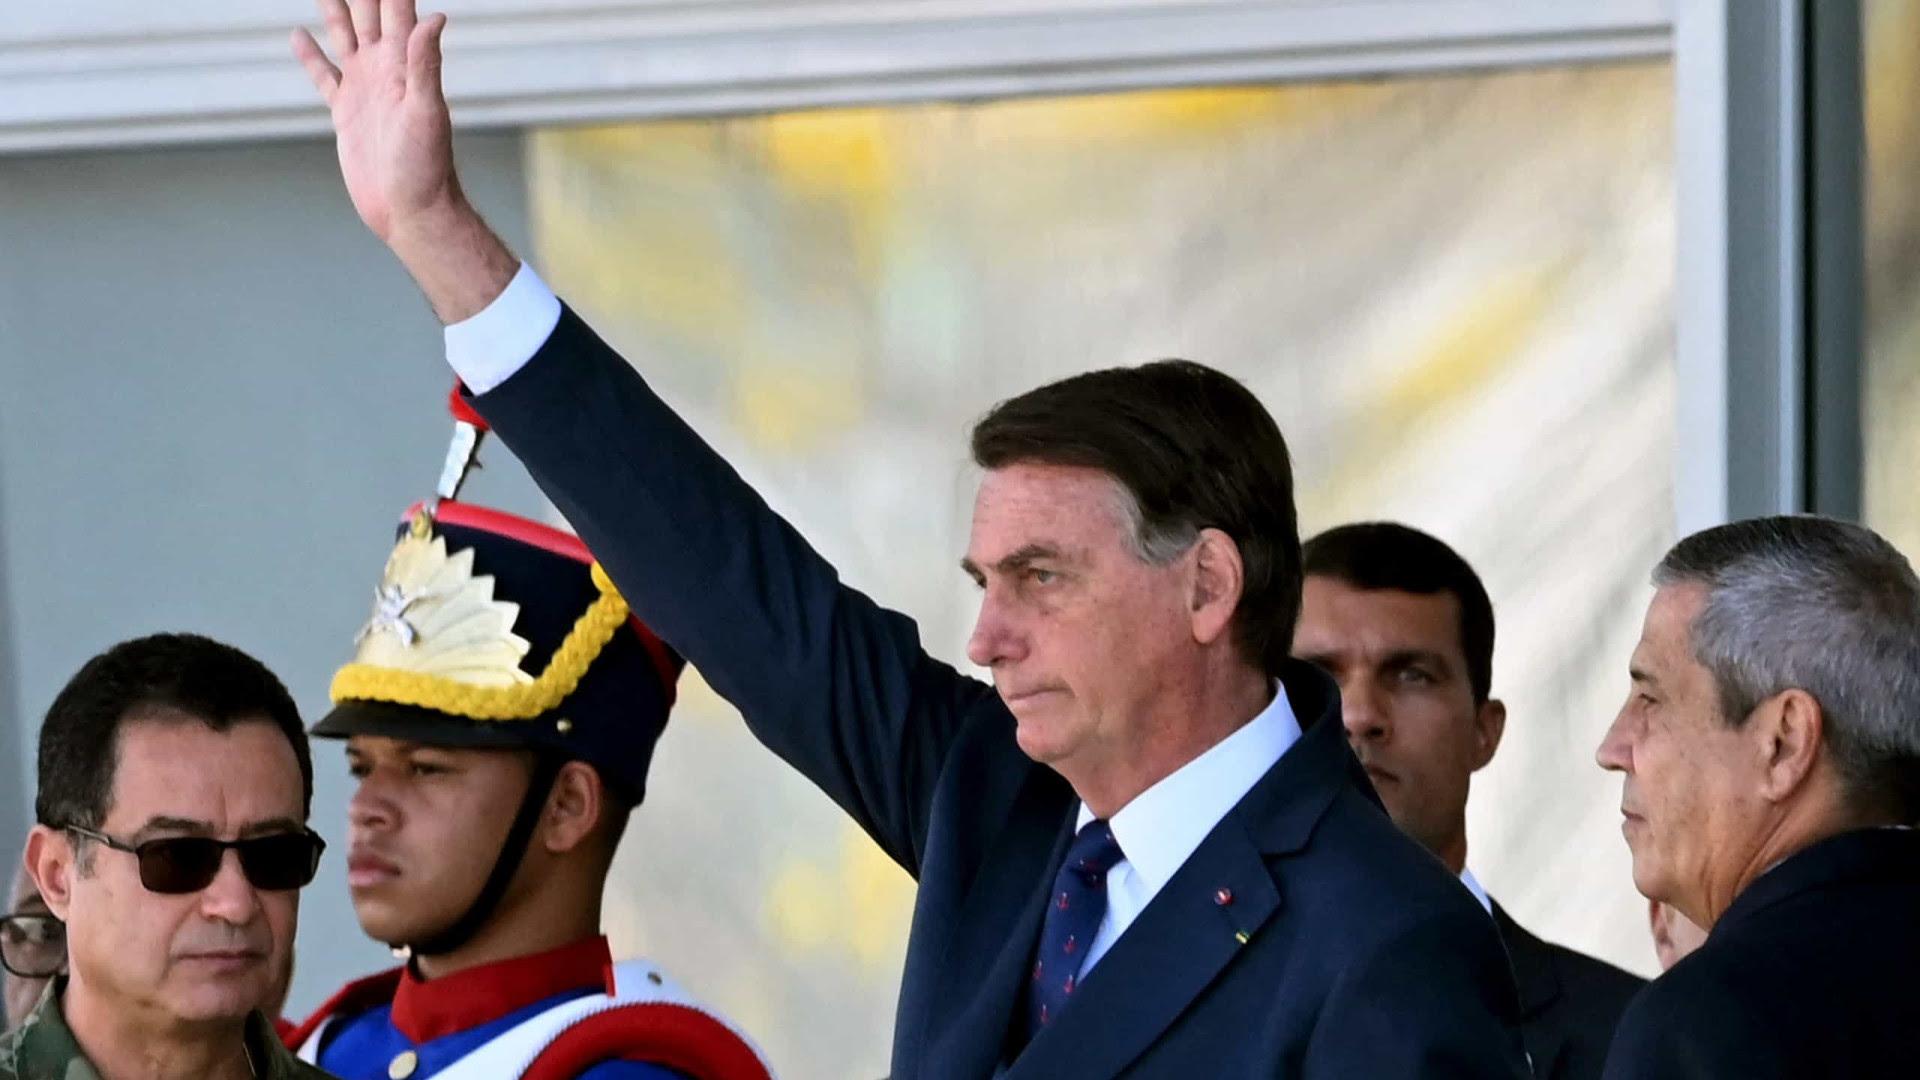 CPI decide sugerir indiciamento de Bolsonaro por charlatanismo e curandeirismo